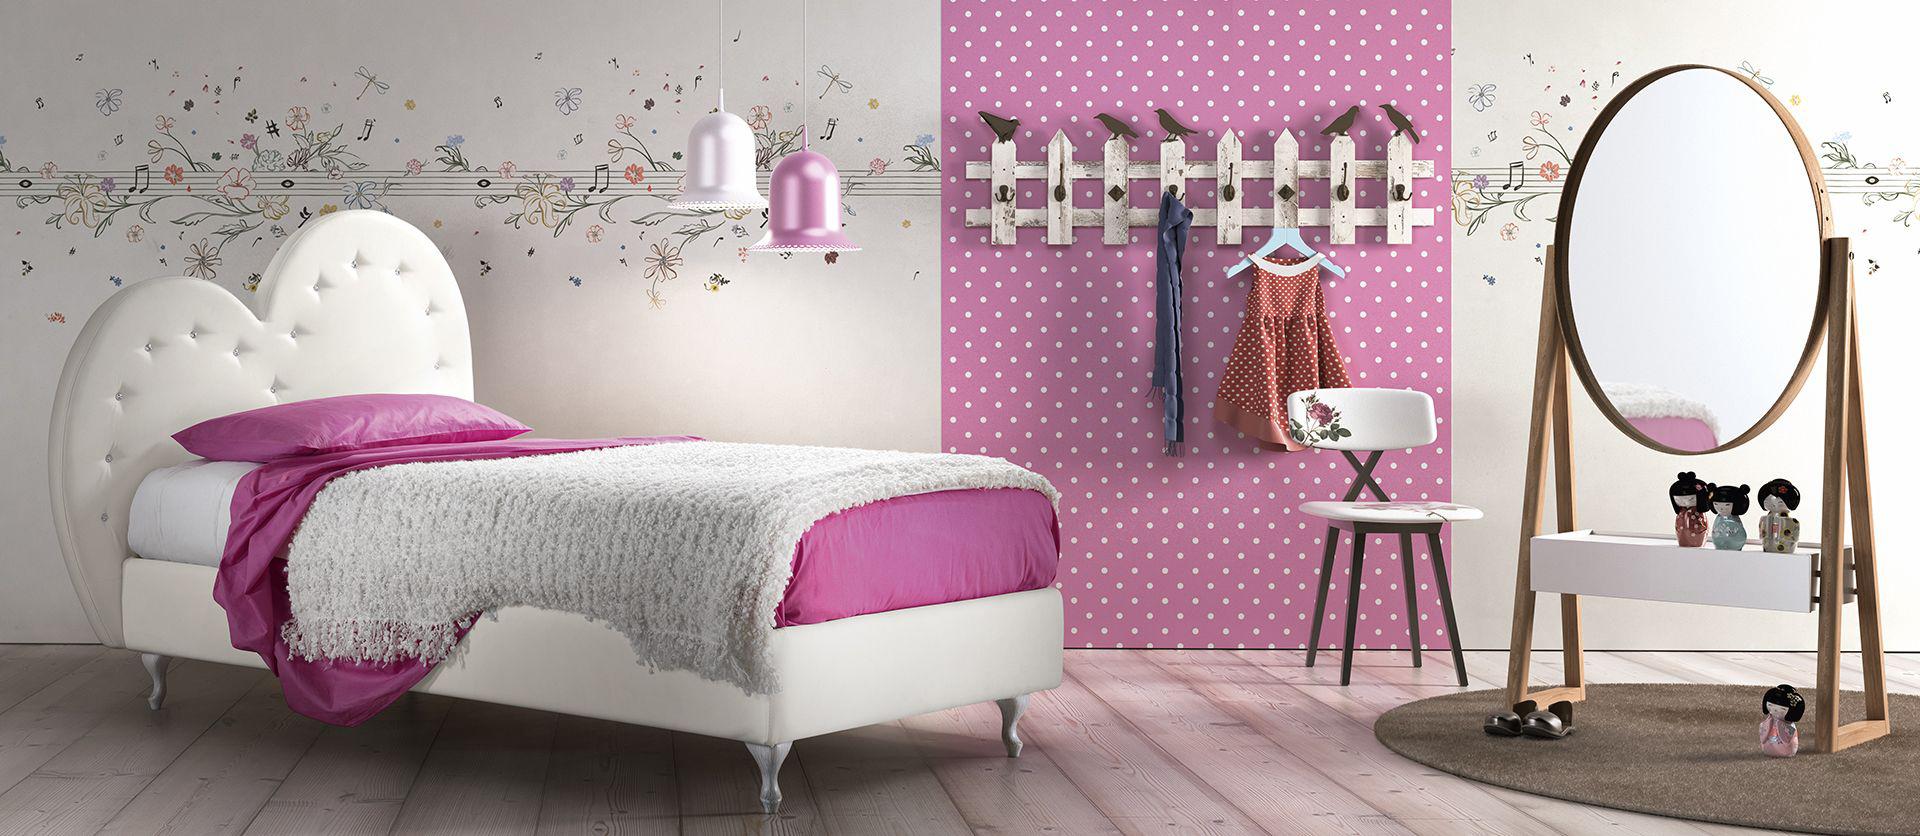 2_MTM-arreda-gatteo-progettazione-su-misura-arredamento-camerette-camere-bambini